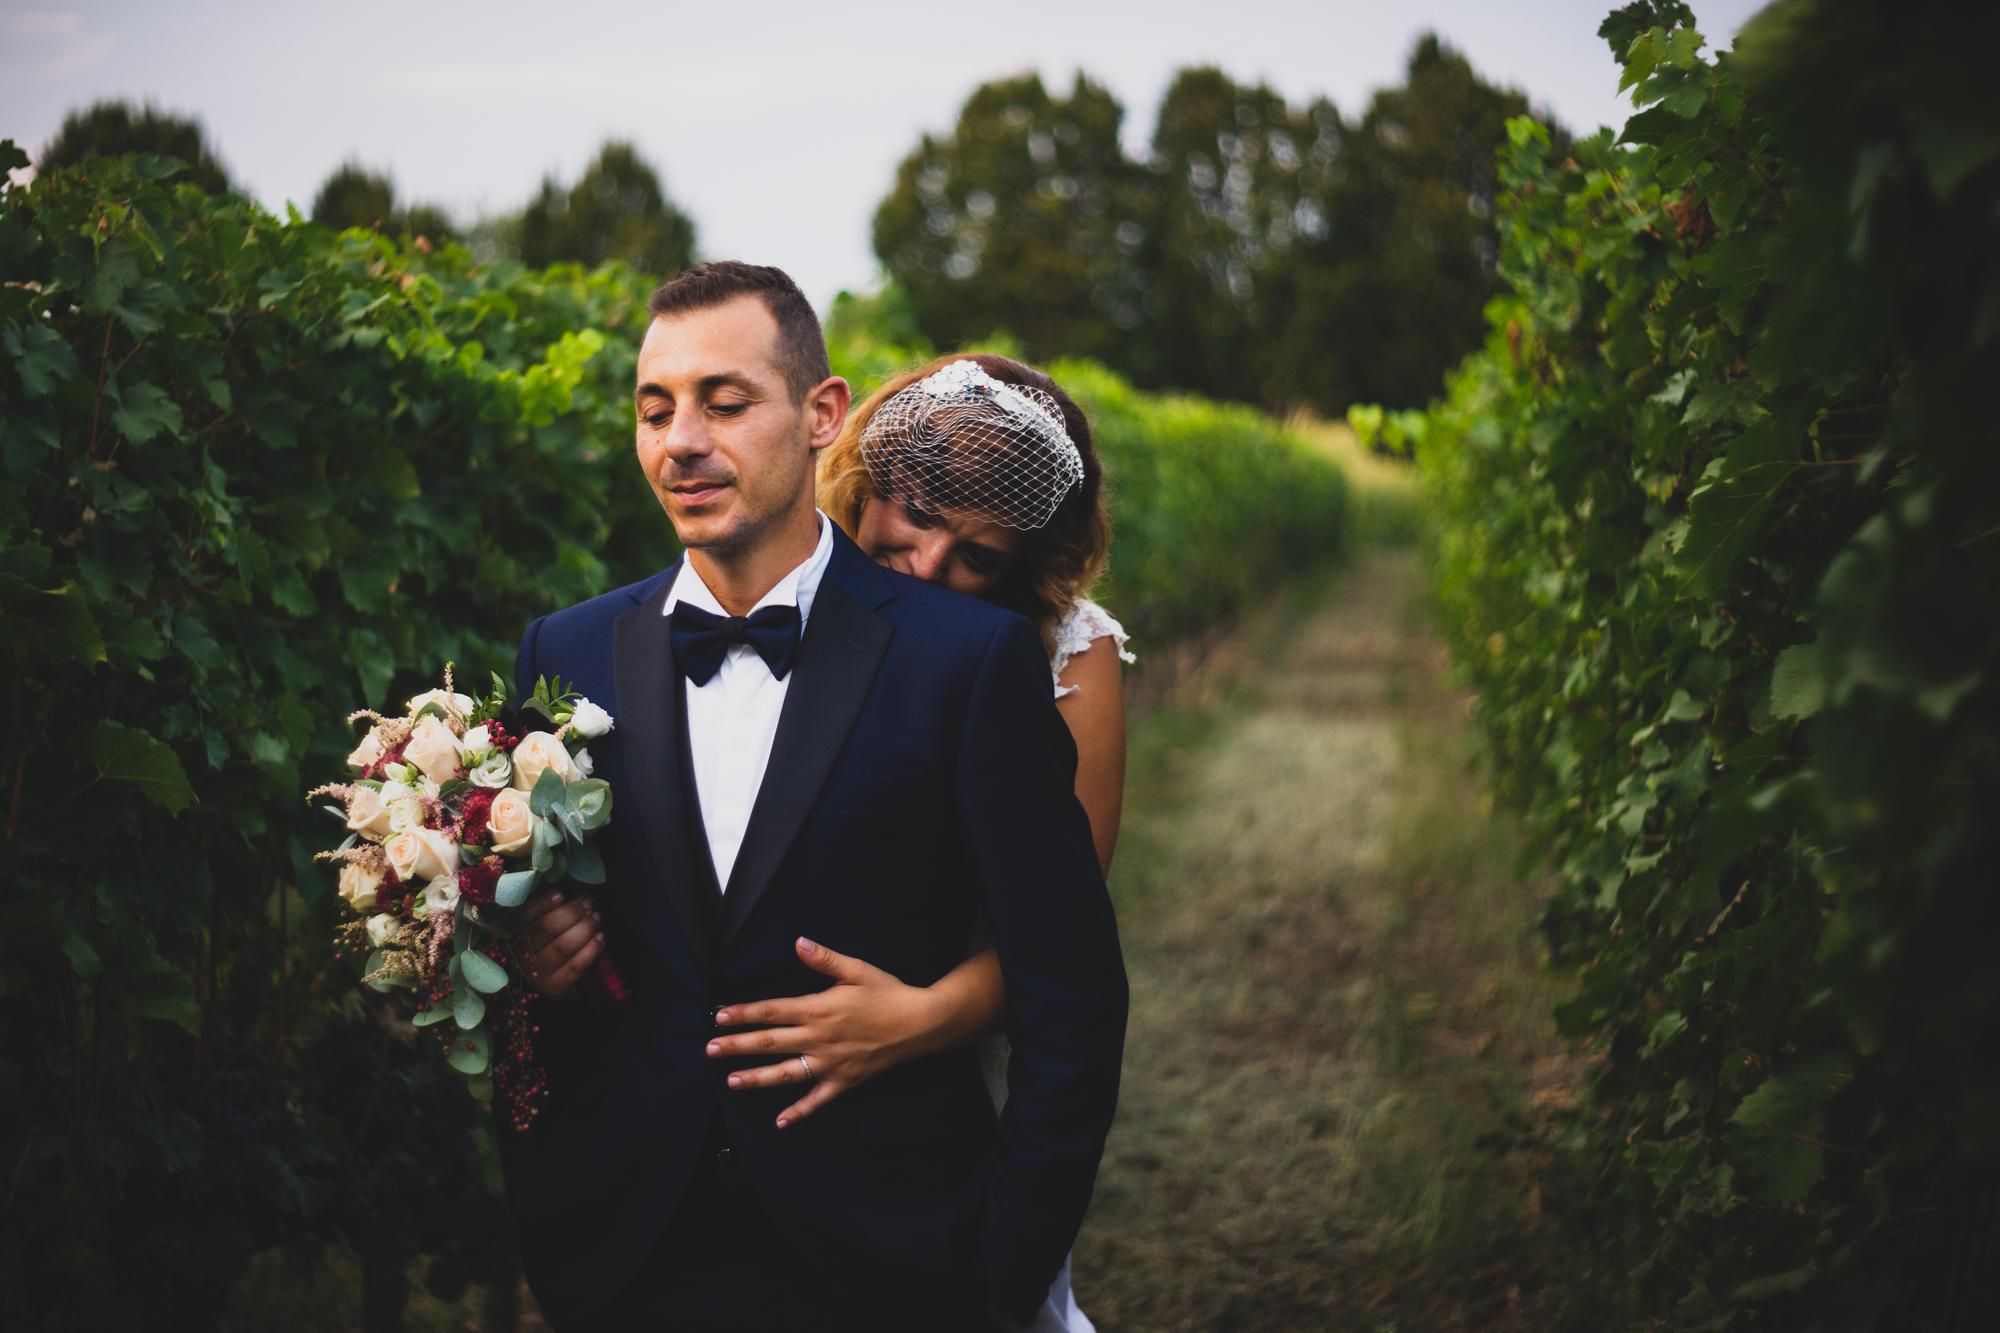 fotografo matrimonio Brescia Helenia e Lorenzo reportage di matrimonio-70